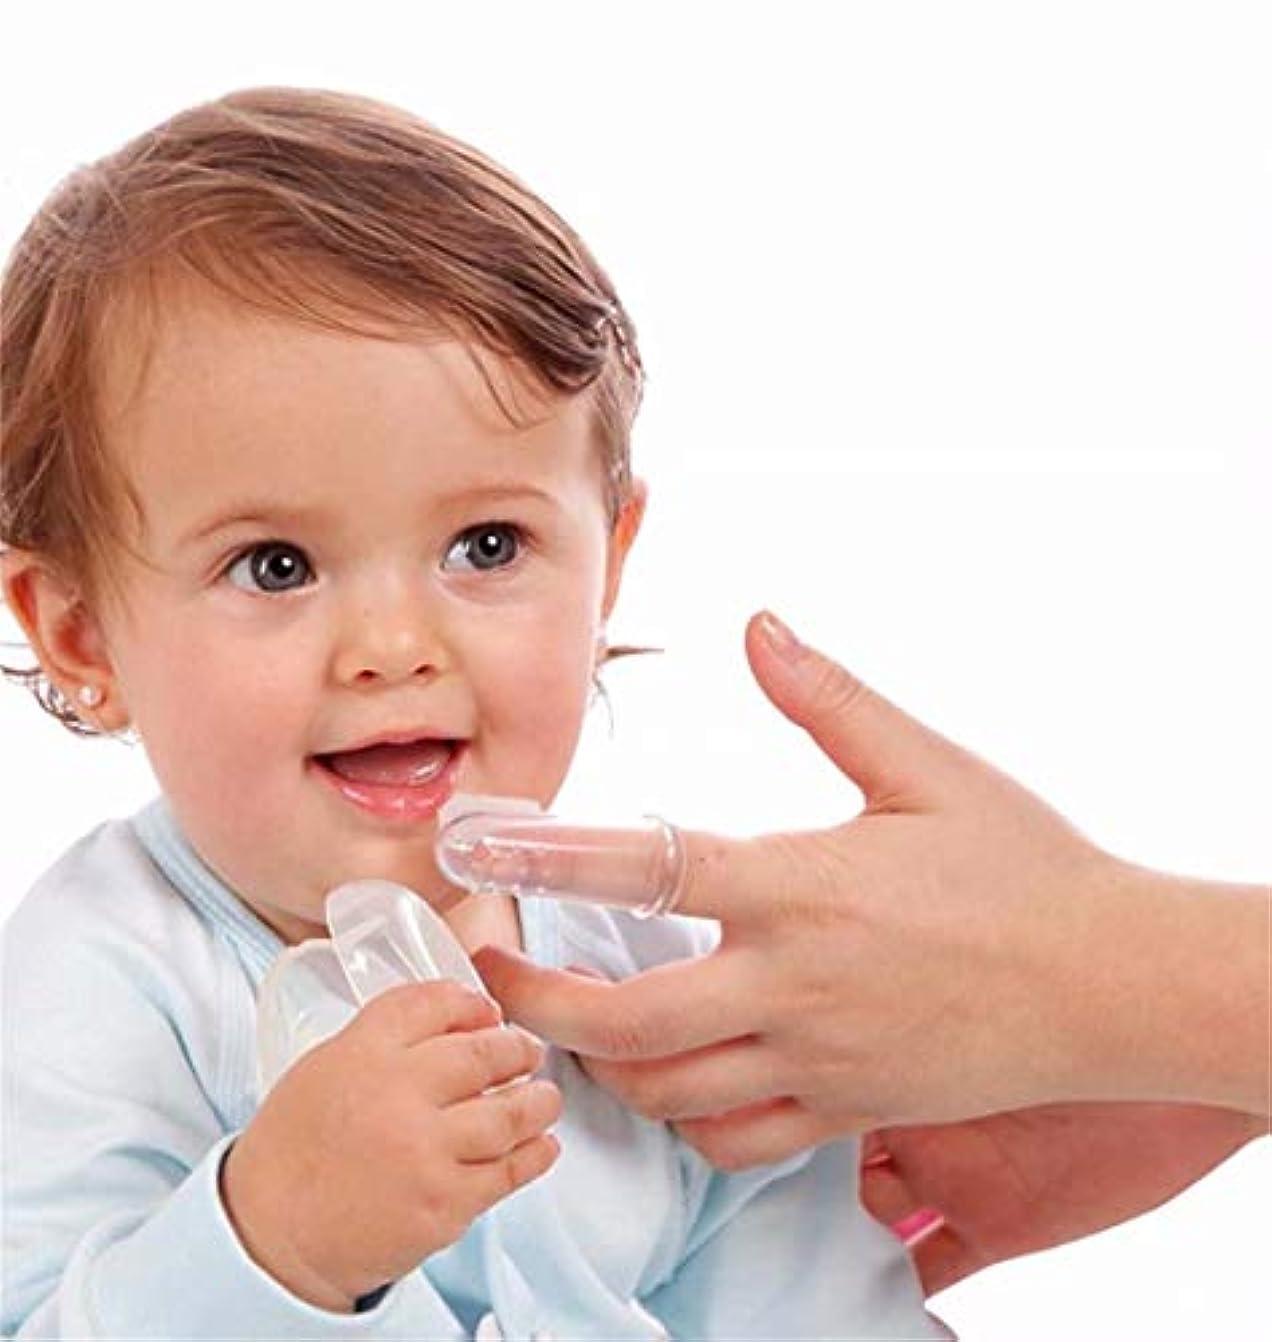 始める腐敗した順応性のある七里の香 ベビー指歯ブラシ、乳児幼児子供用シリコーンソフトオーラルマッサージャージェントルケア